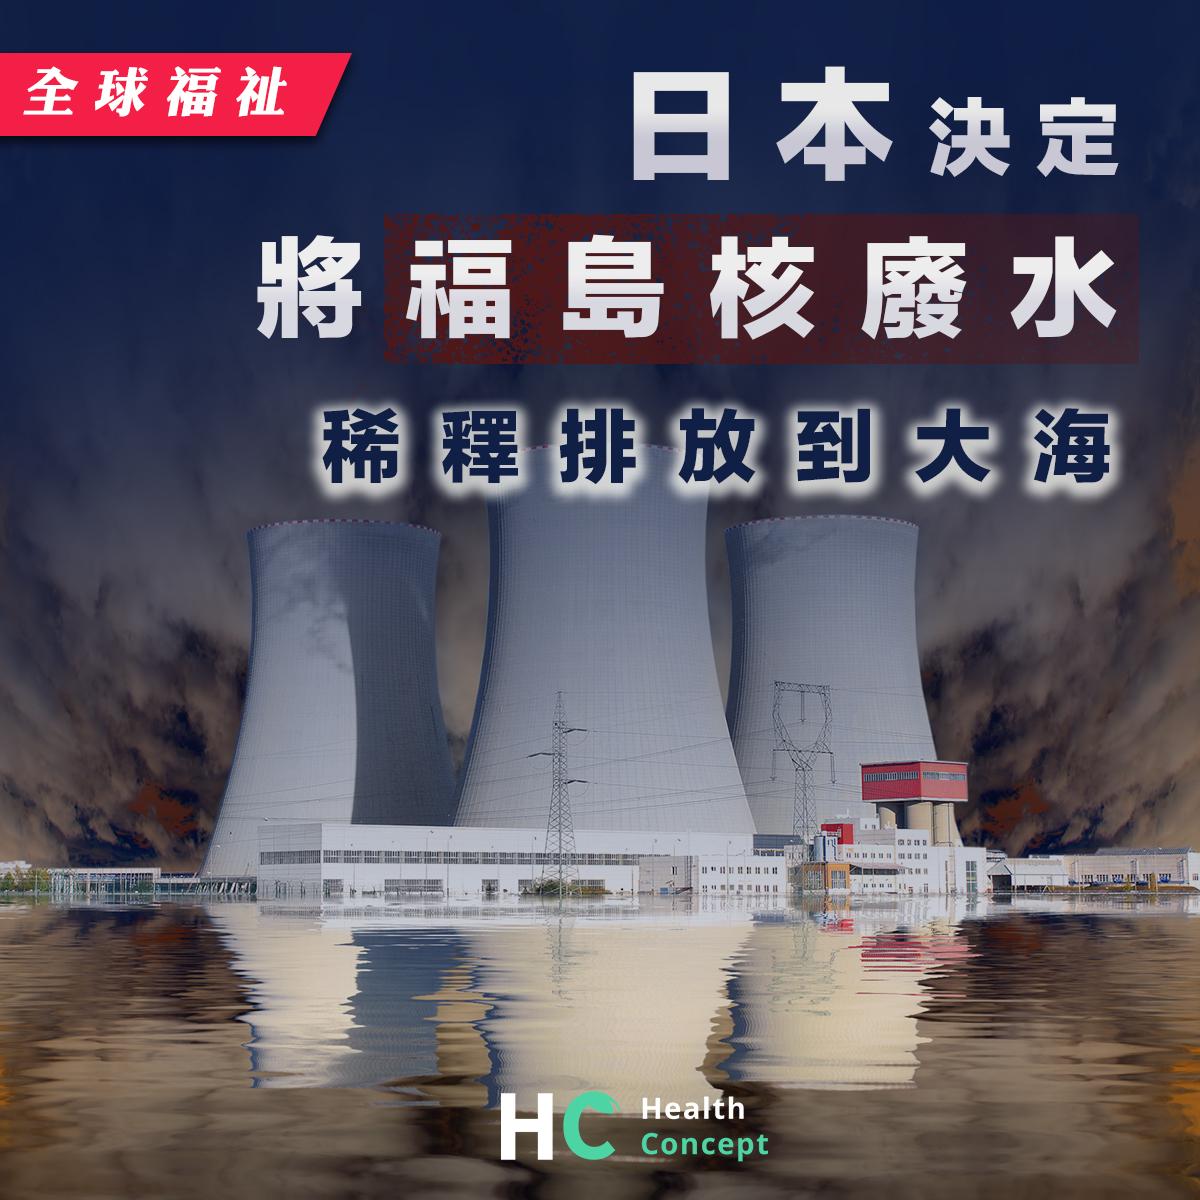 日本正式通過 向海洋排放福島核電站經稀釋核廢水